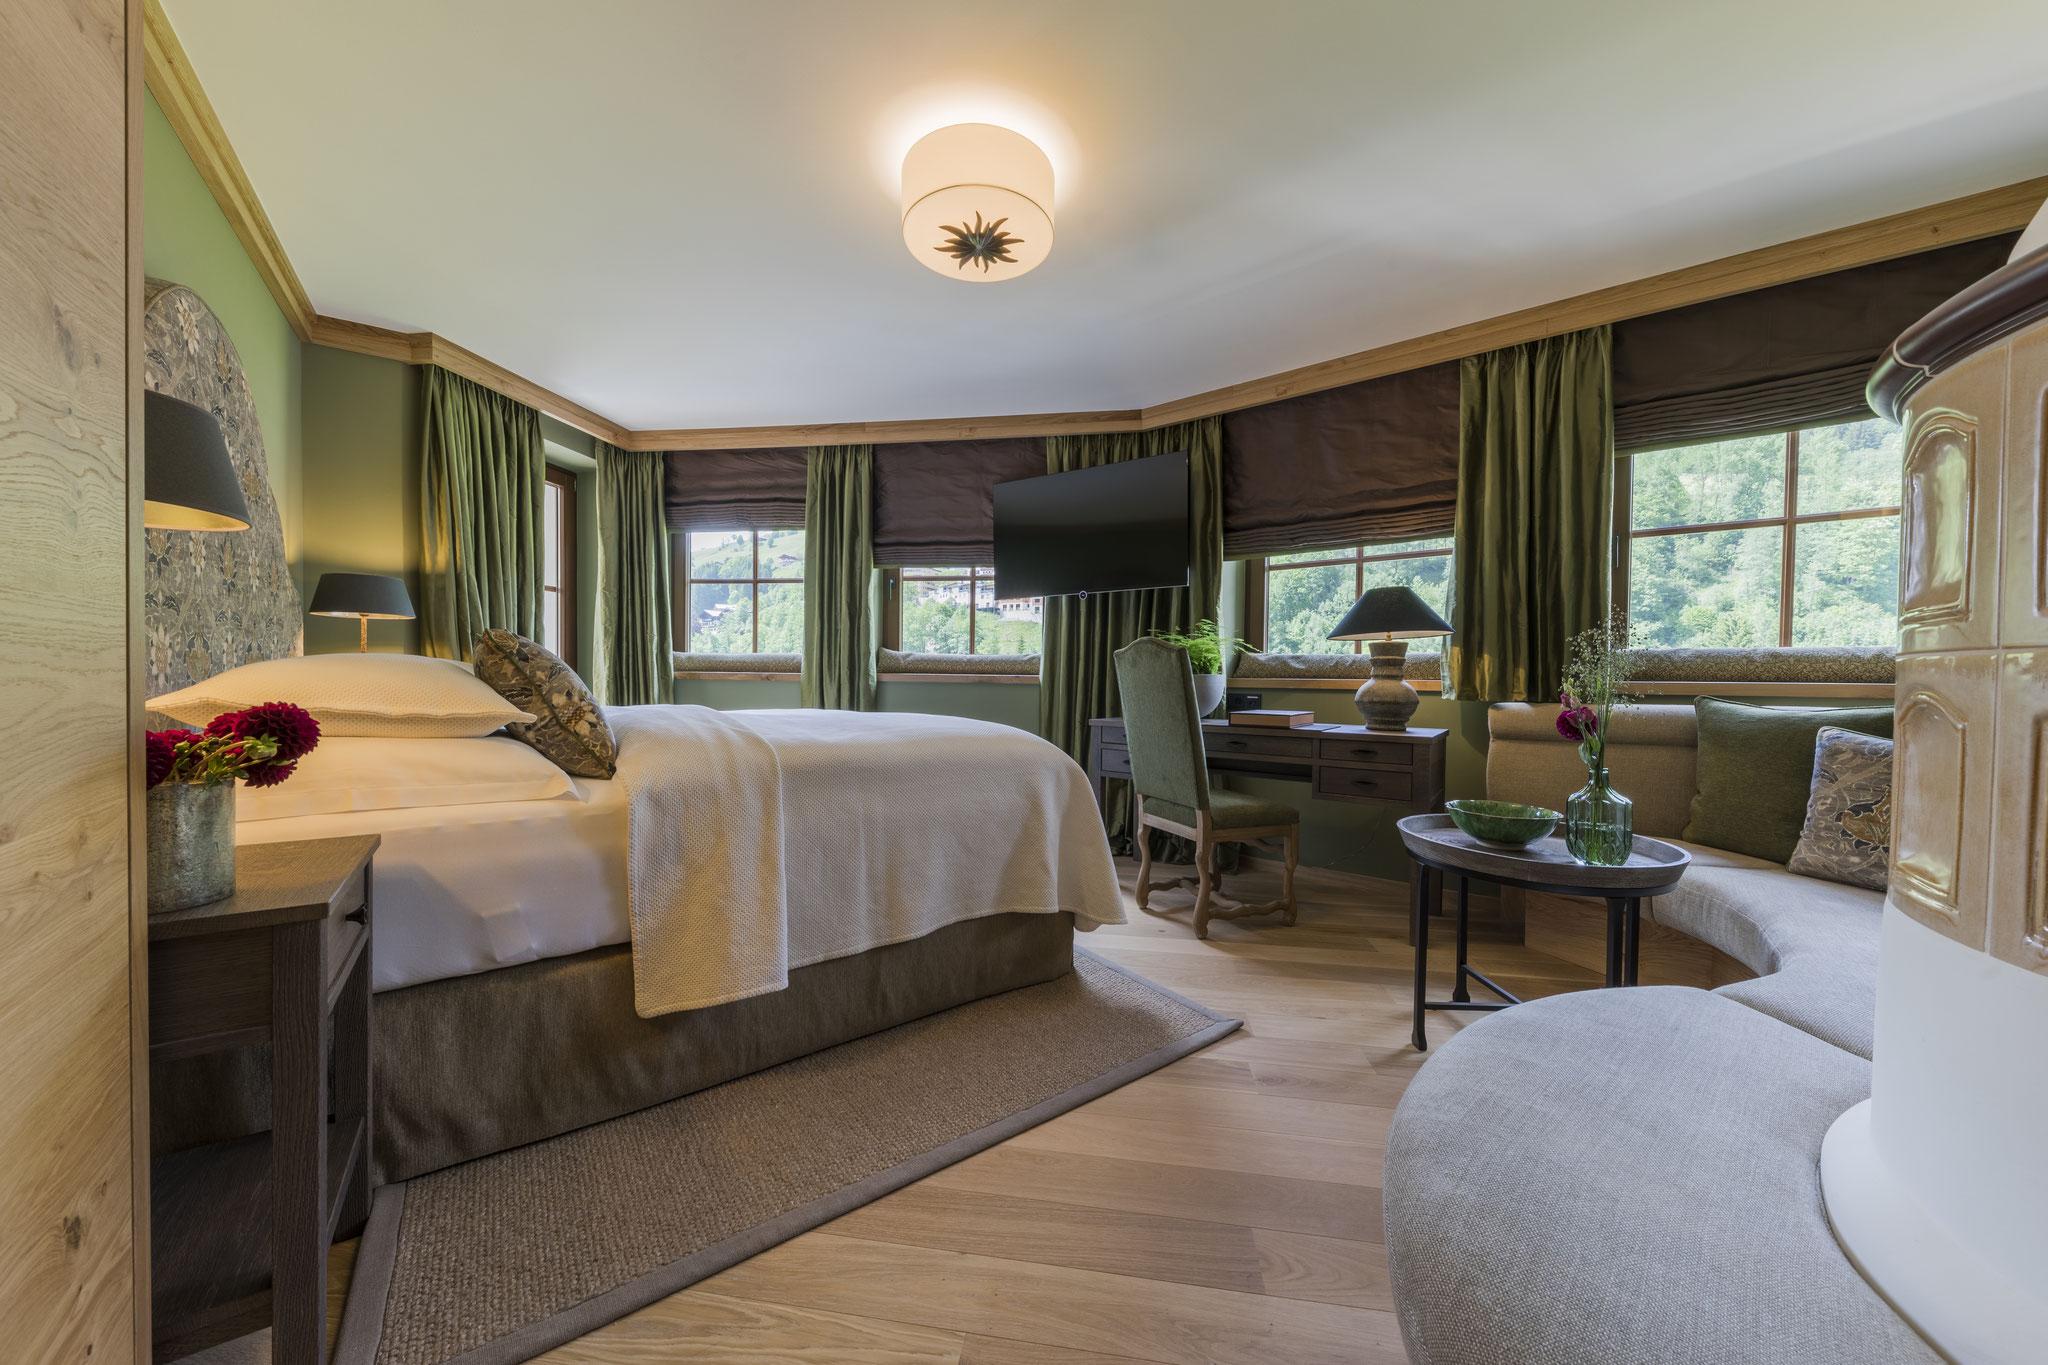 Der Unterschwarzachhof, das familienfreundliche Hotel in Saalbach Hinterglemm ist der ideale Ausgangspunkt für viele Wanderungen, Reitausflüge und Mountainbike-Touren ©www.unterschwarzach.at